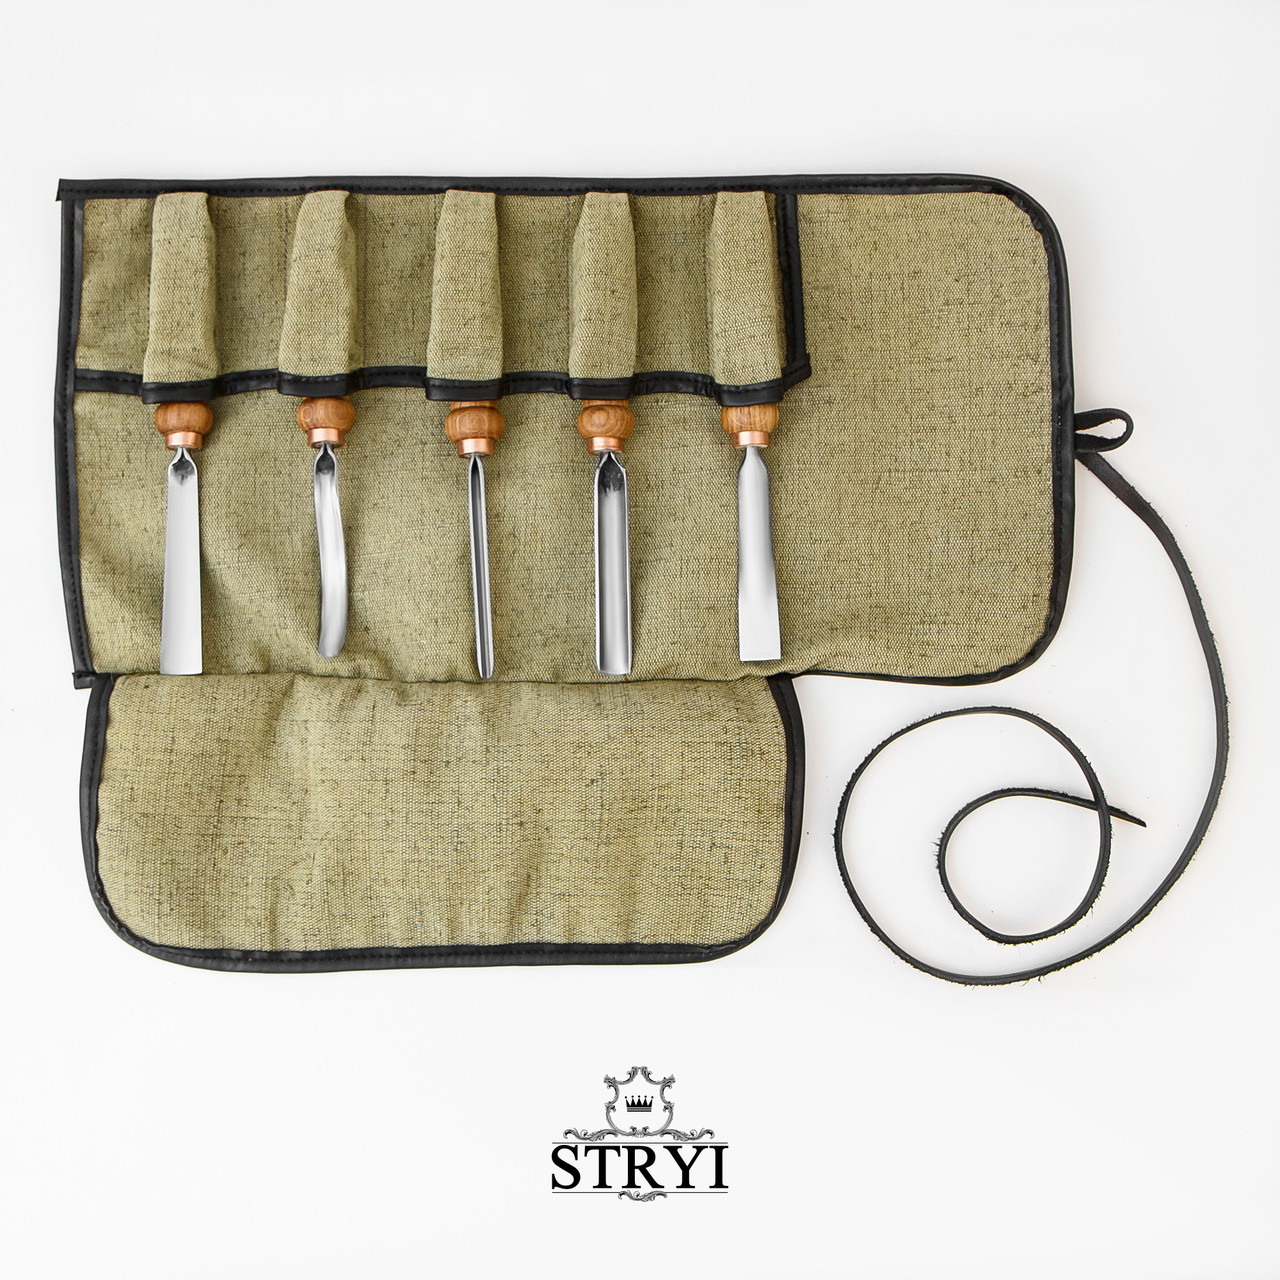 Чехол-скрутка на 5 стамесок для хранения инструментов для резьбы по дереву, фото 1